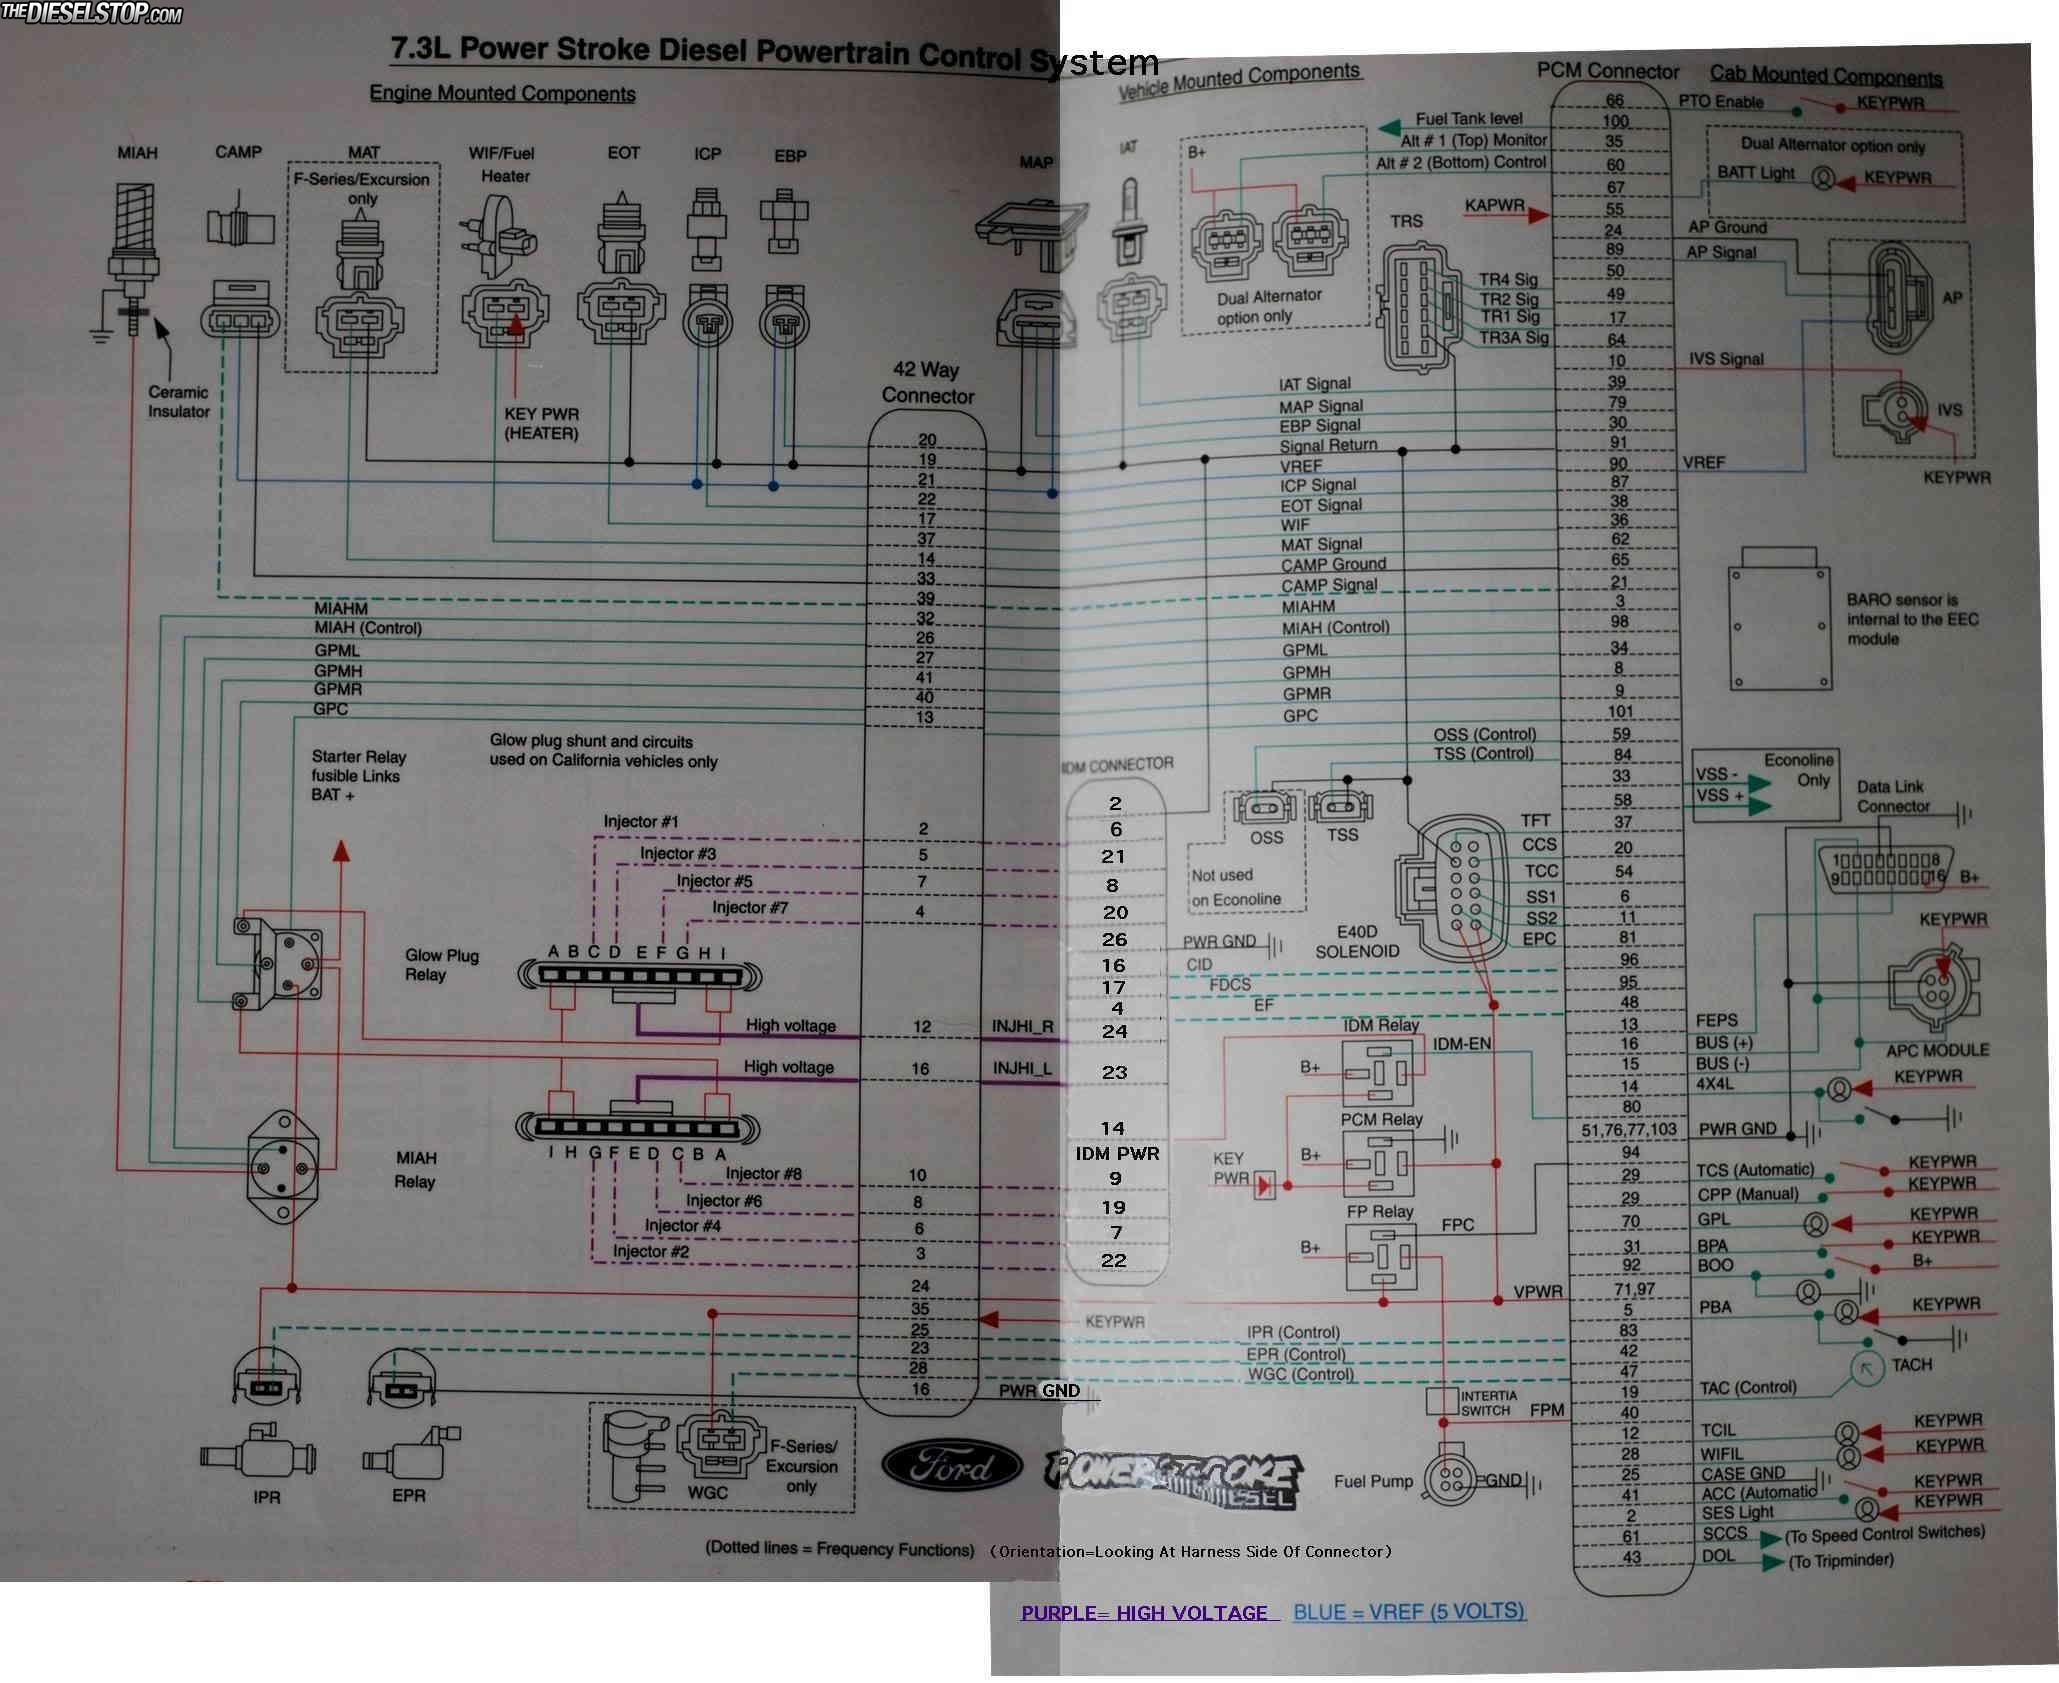 Pleasant 73 Powerstroke Diesel Engine Diagram Standard Electrical Wiring Wiring Cloud Mousmenurrecoveryedborg